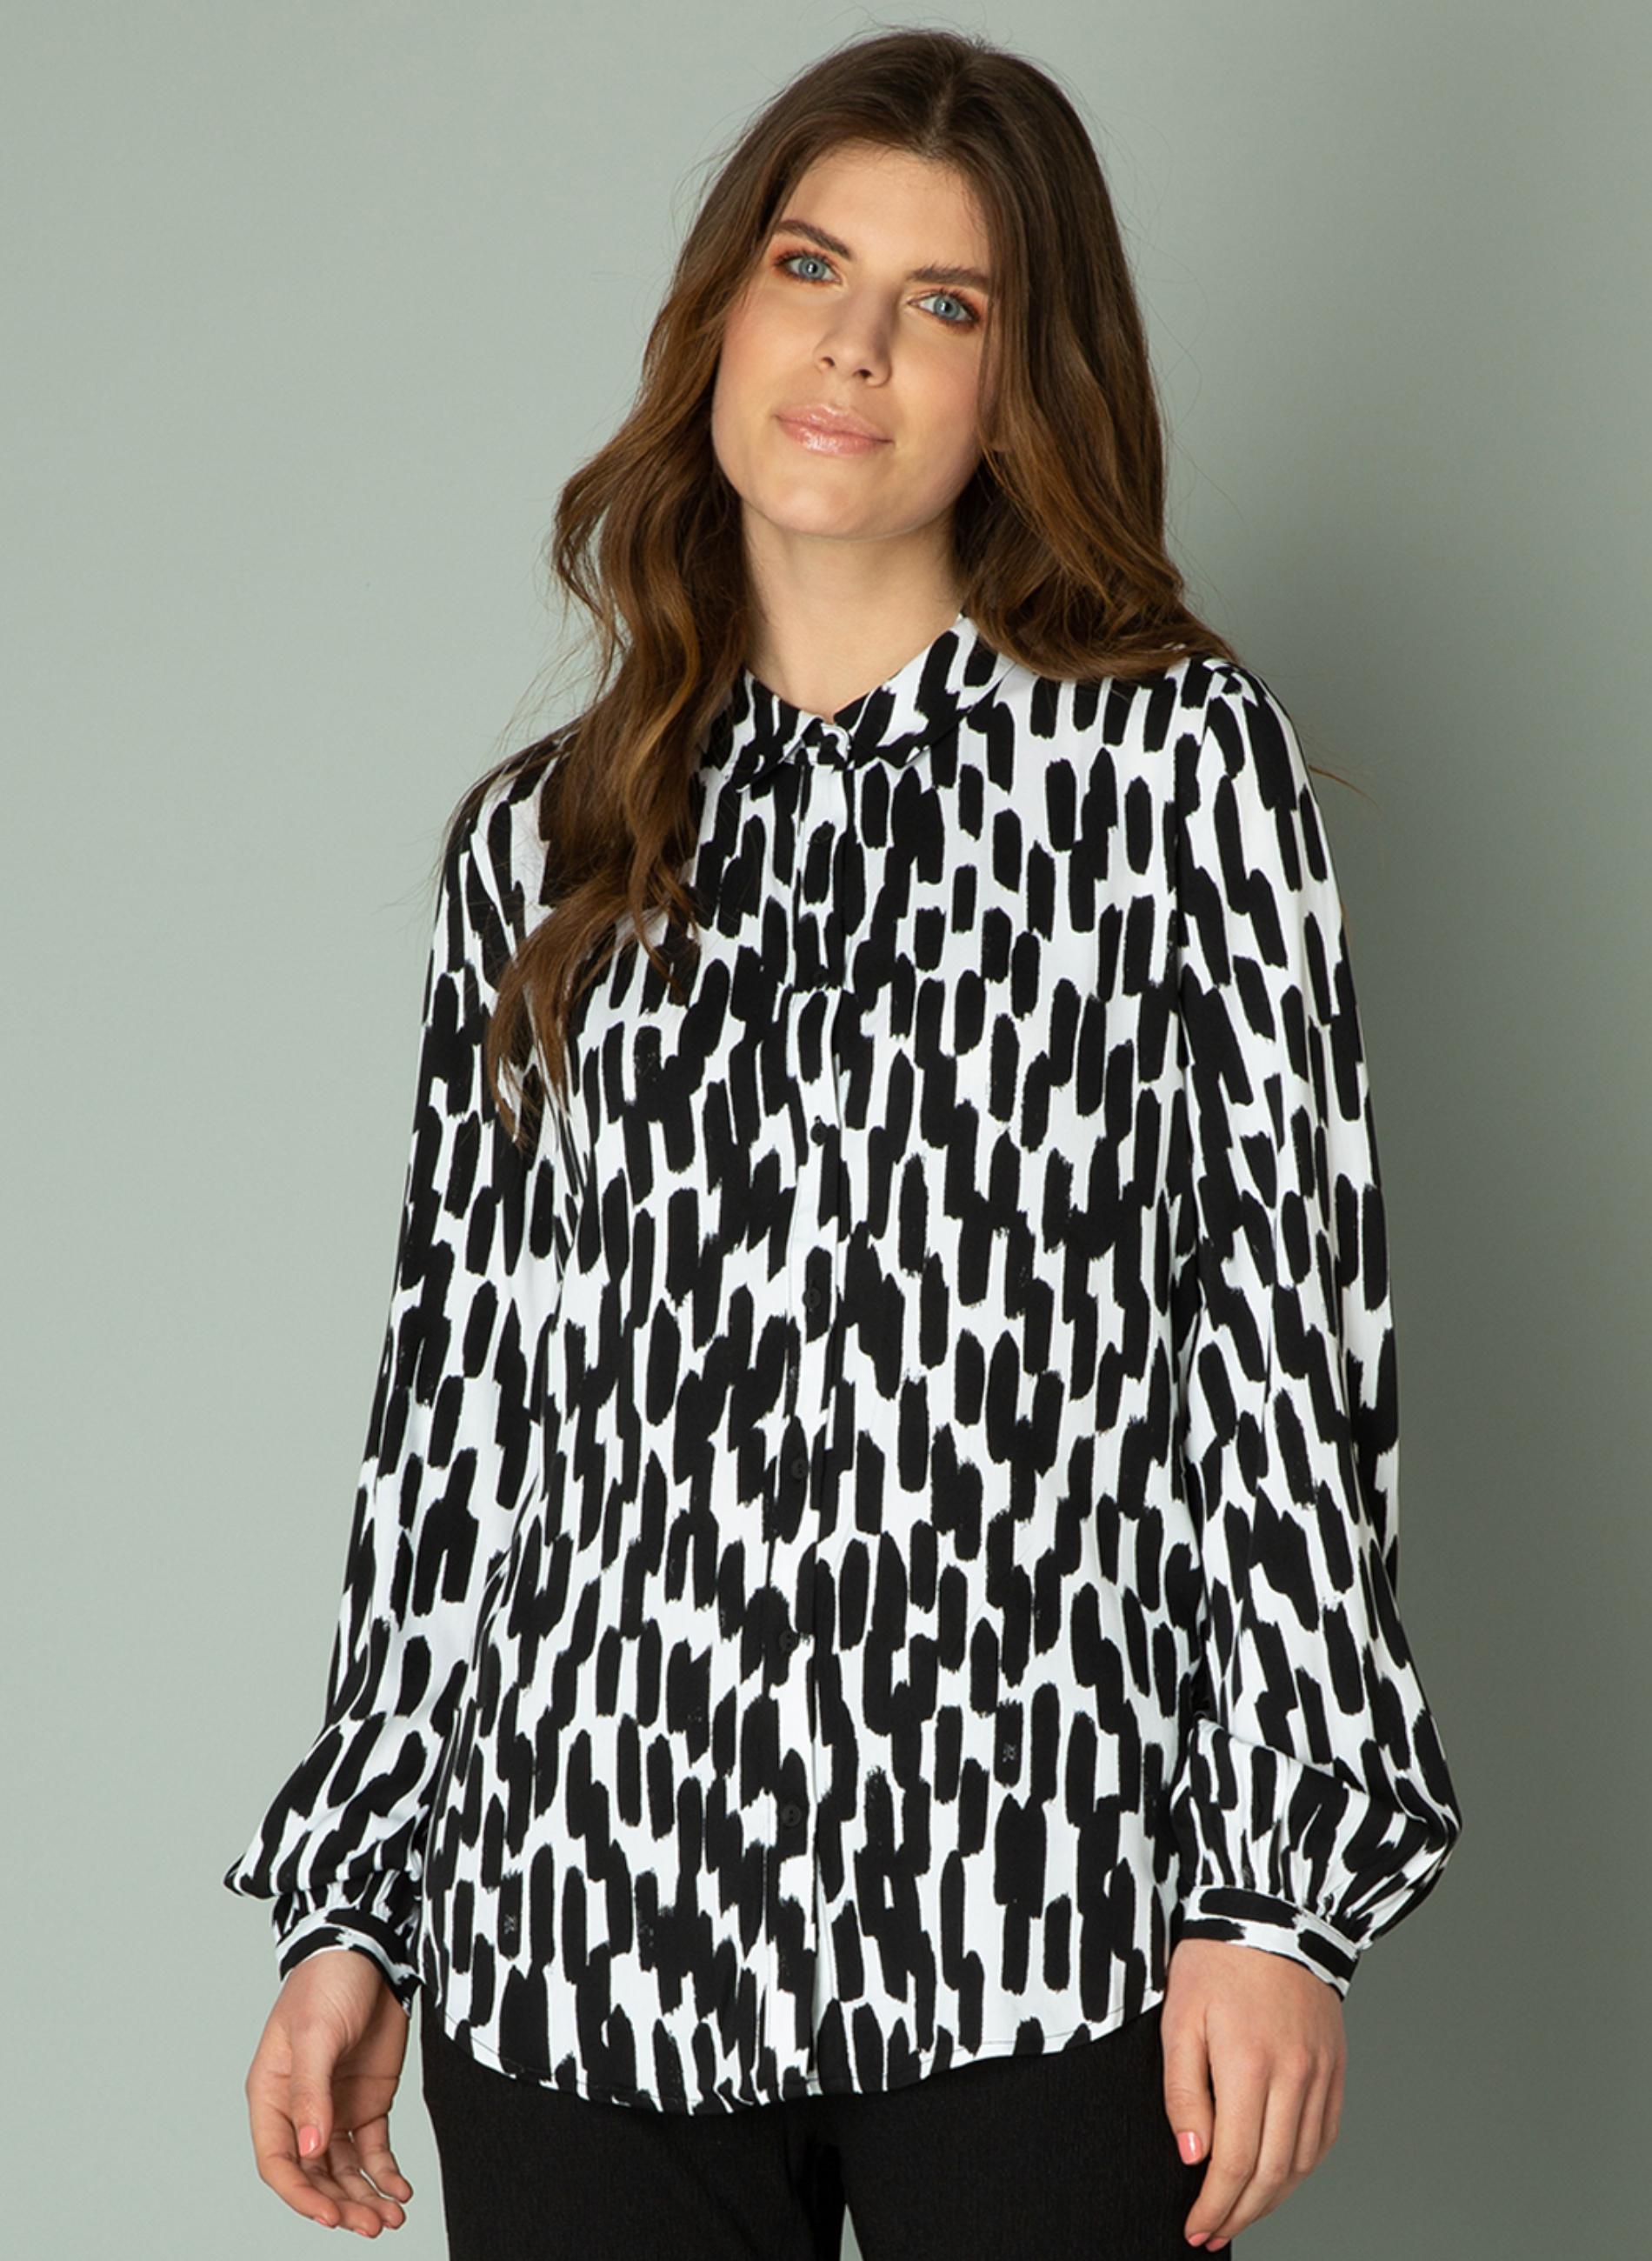 Yest blouse Imara 70 cm